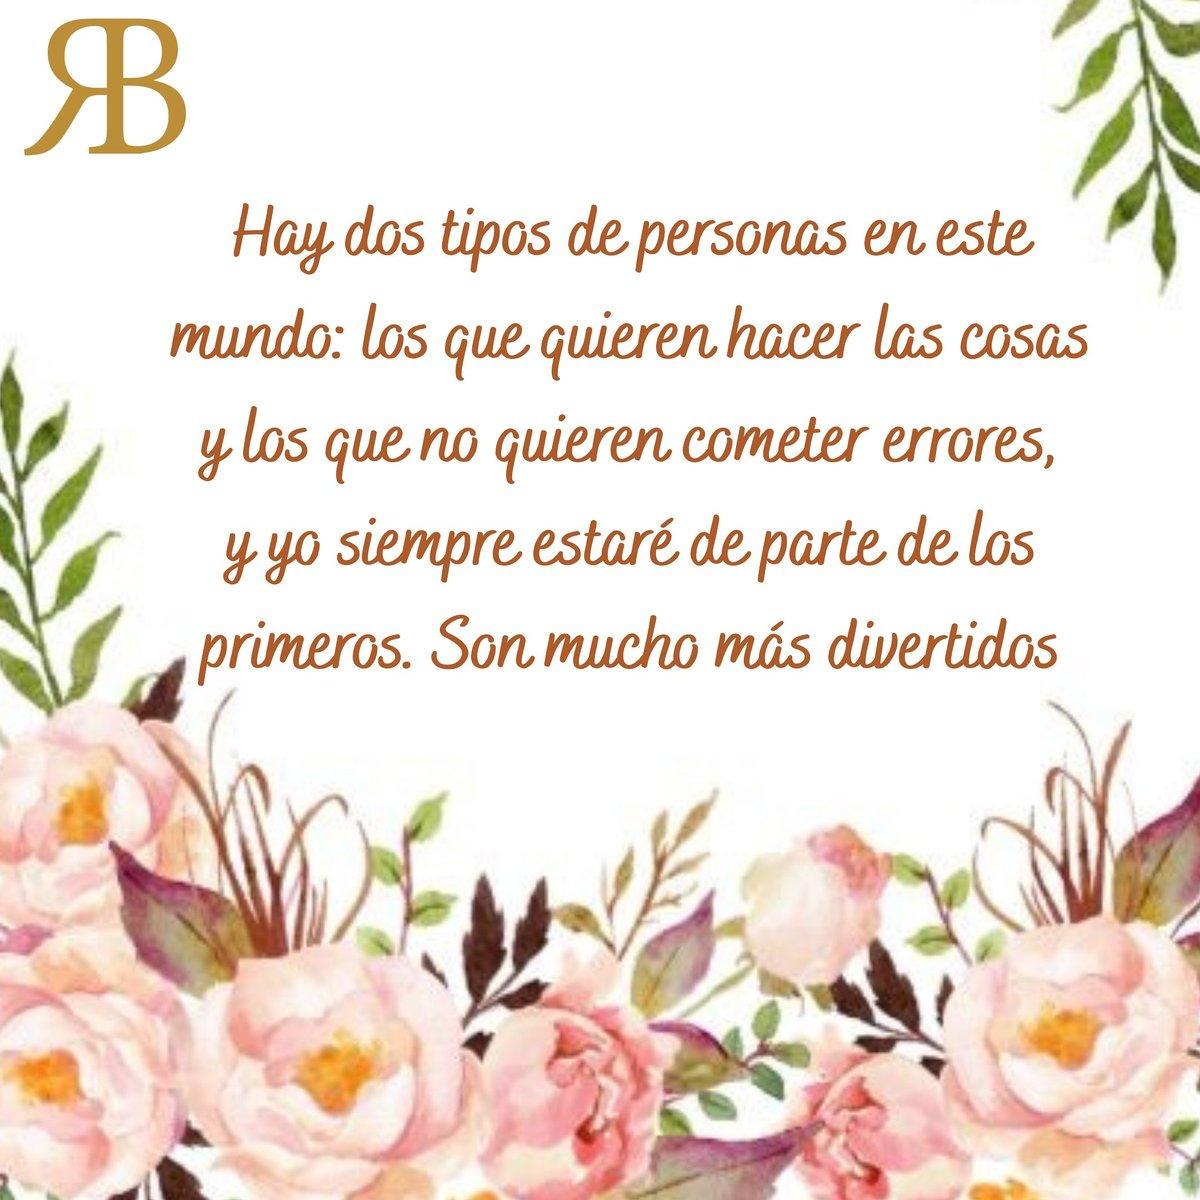 #coaching #reflexión #sonriealavida #crecimiento #frases #sembremosamor #másAmorporfavor #todoestarámejorpronto